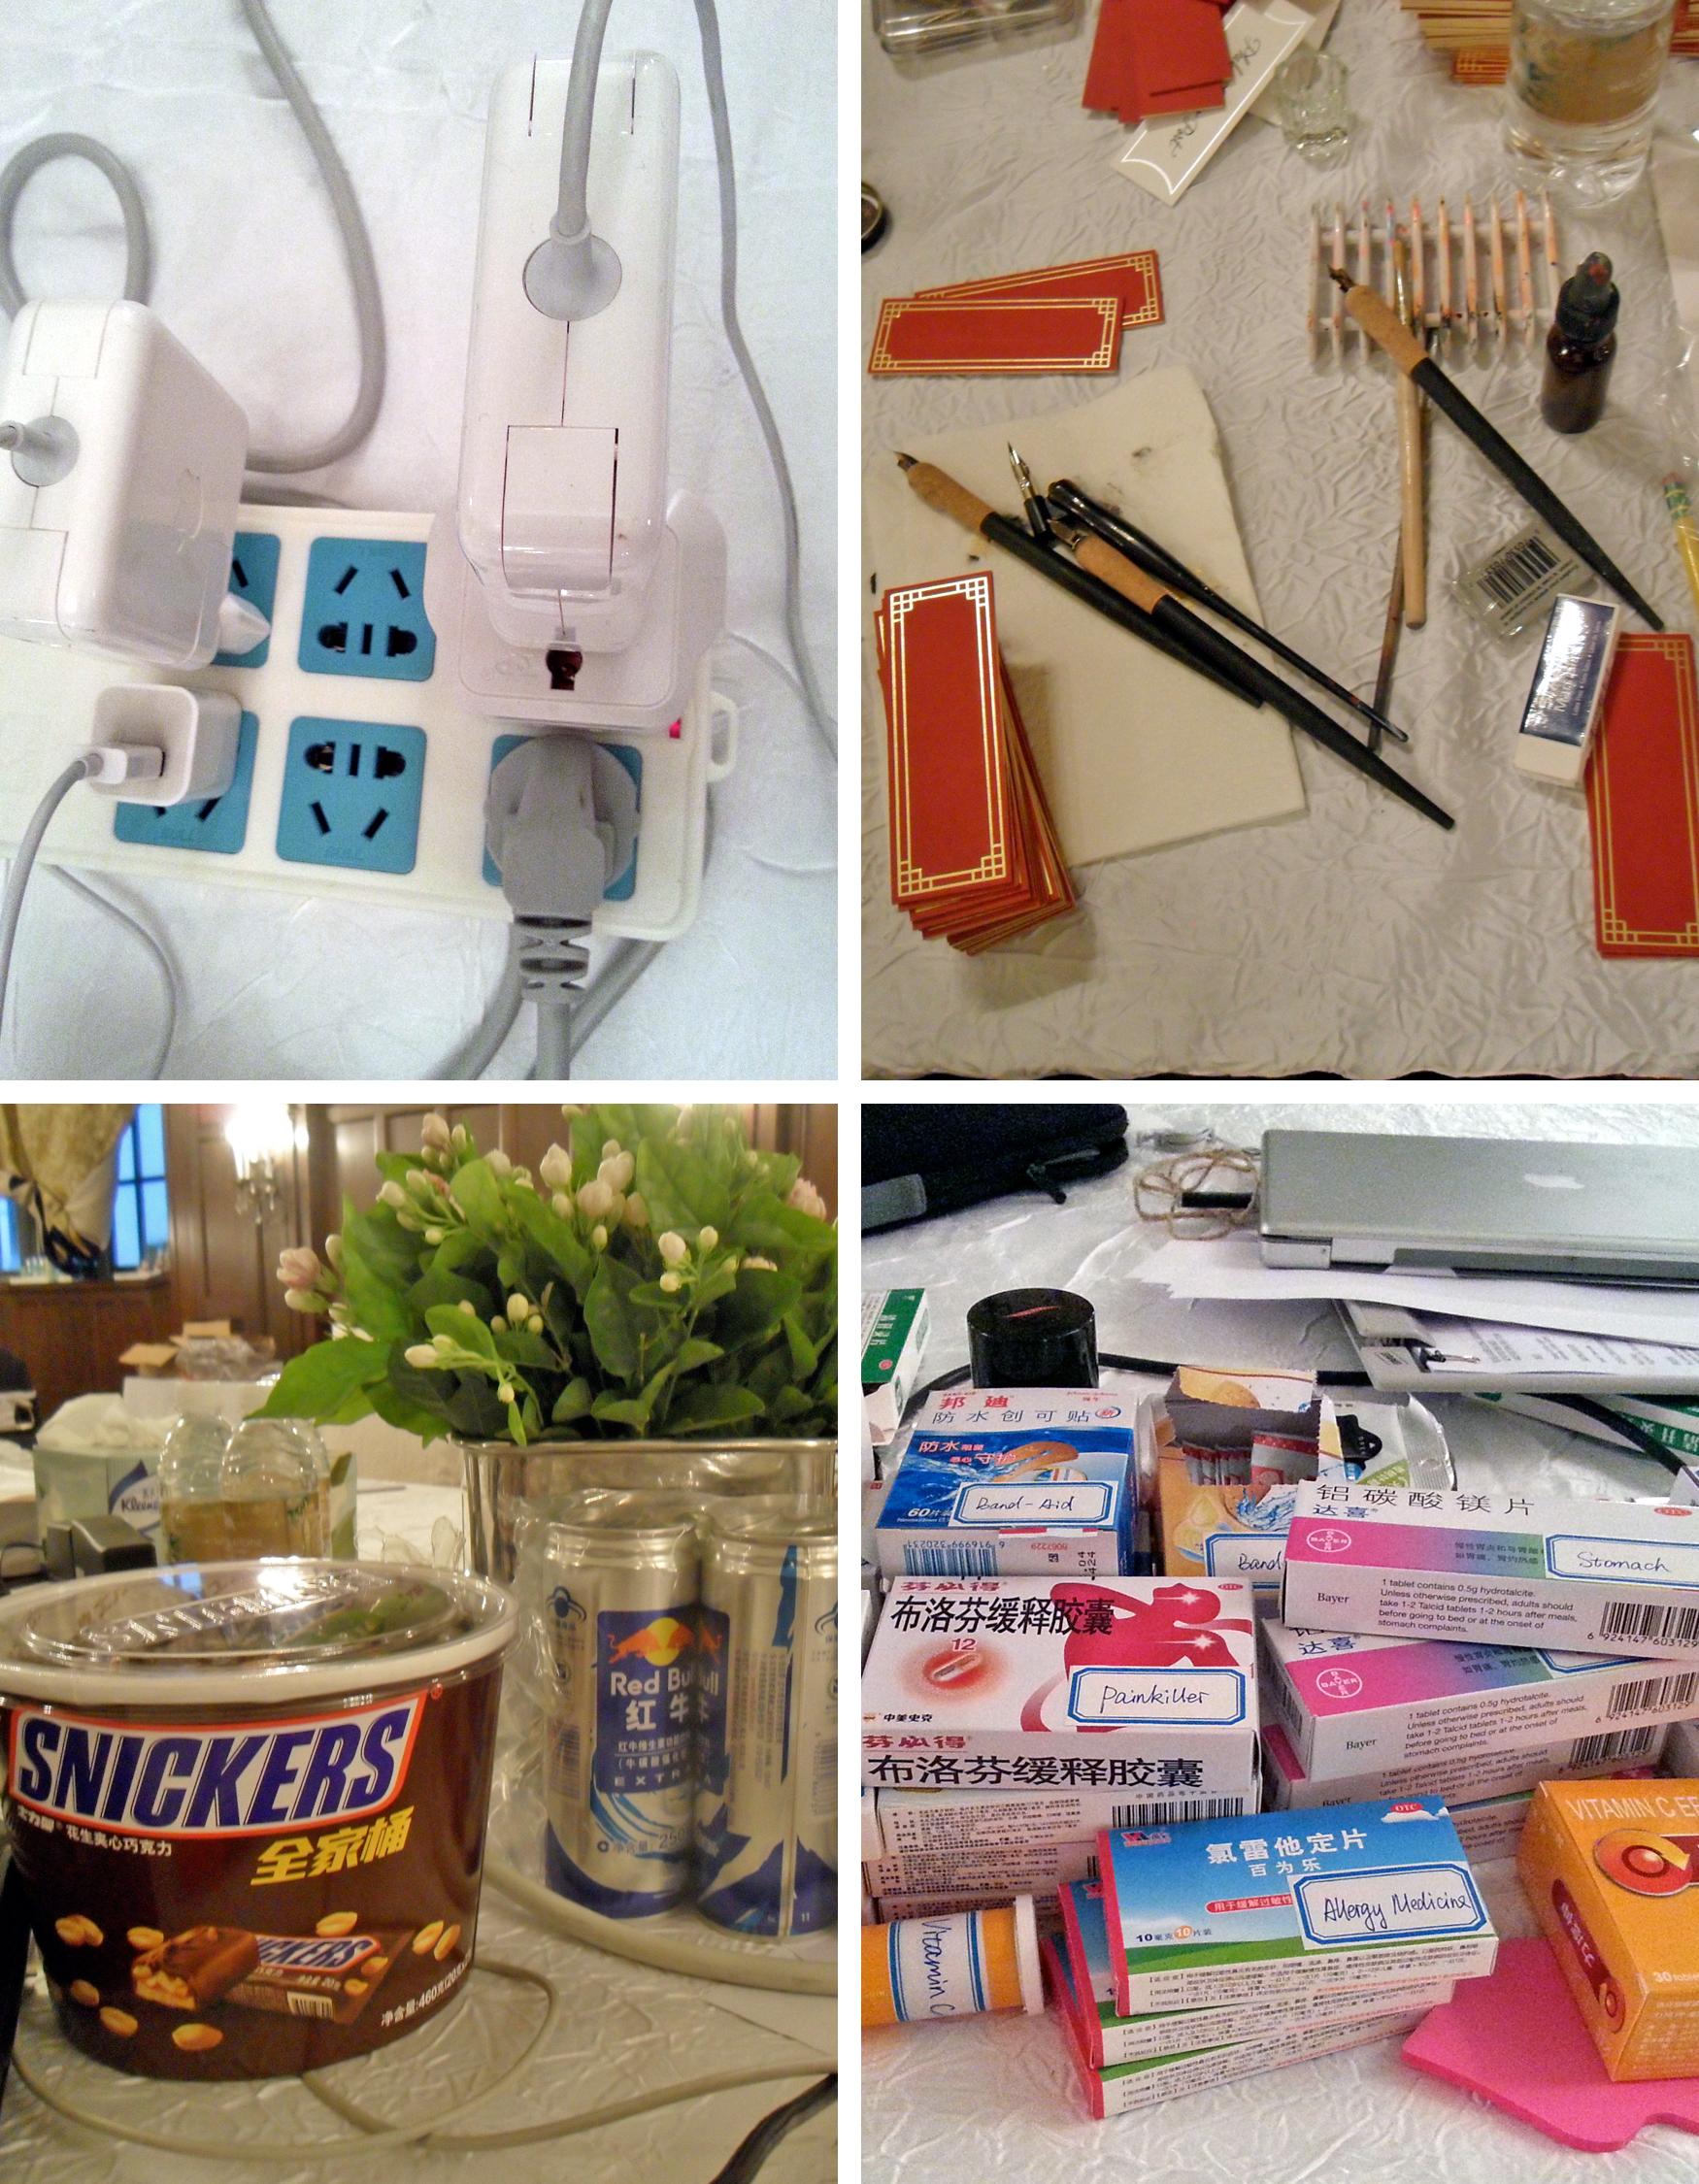 shanghai-office-supplies